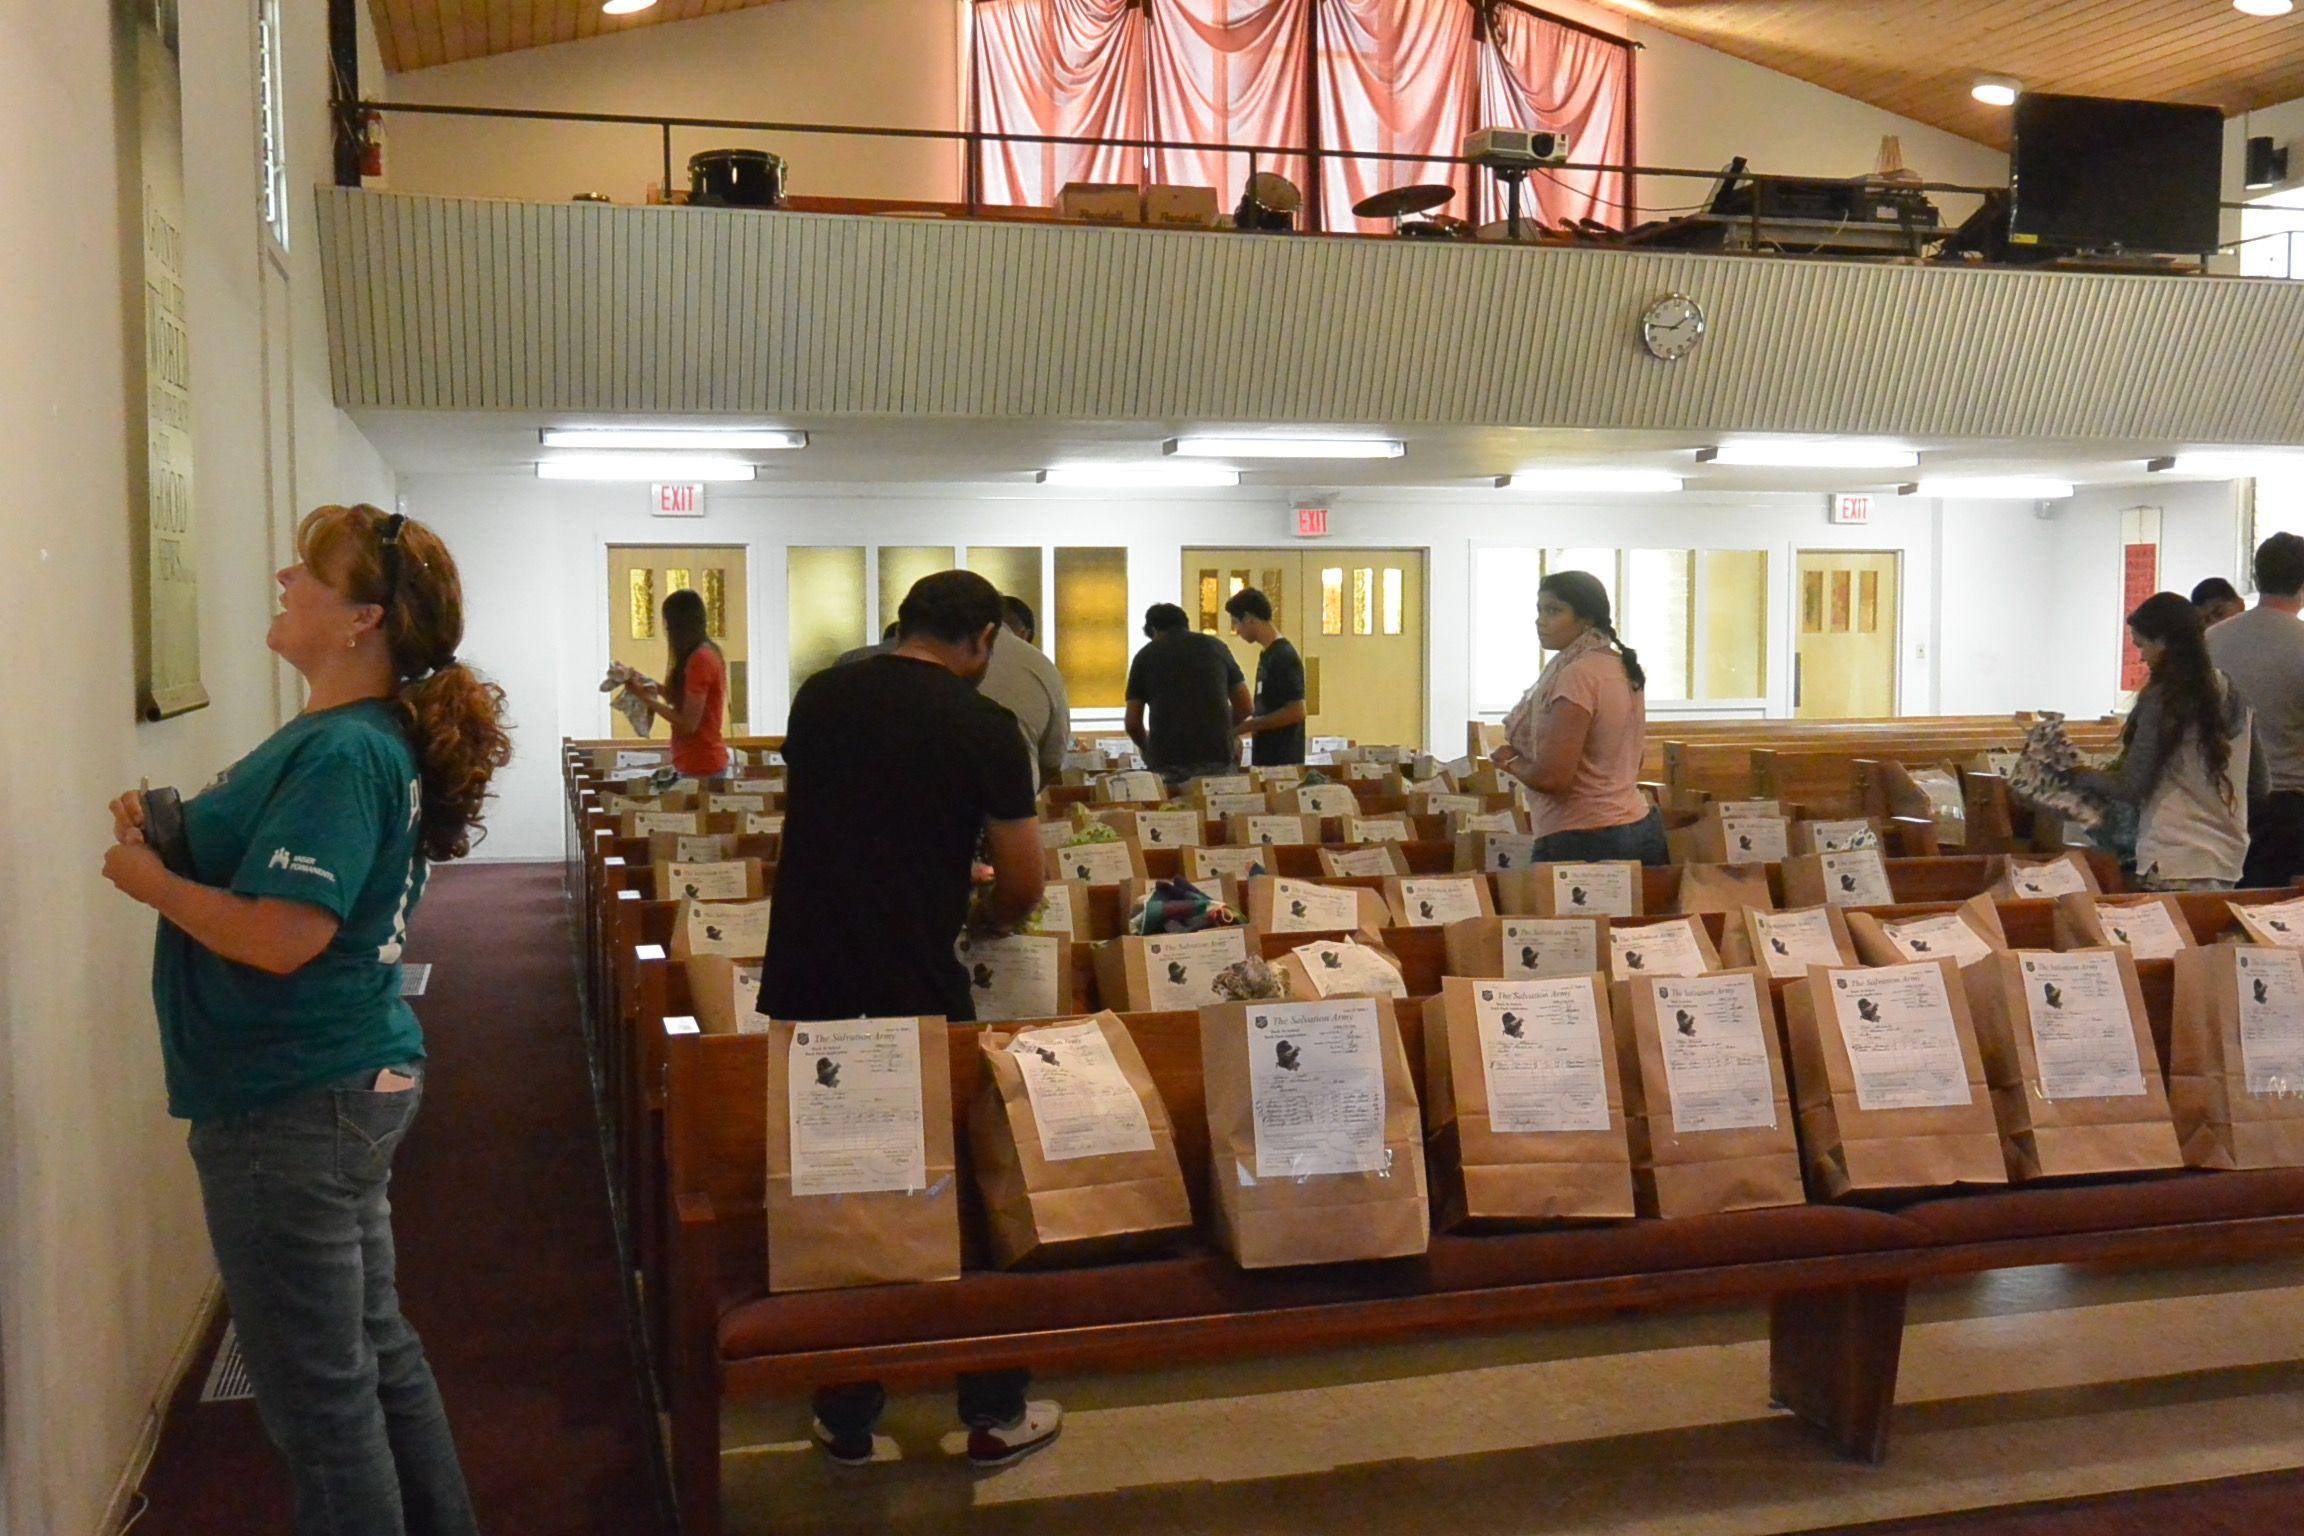 Volunteers pack Back to School backpacks for kid in need